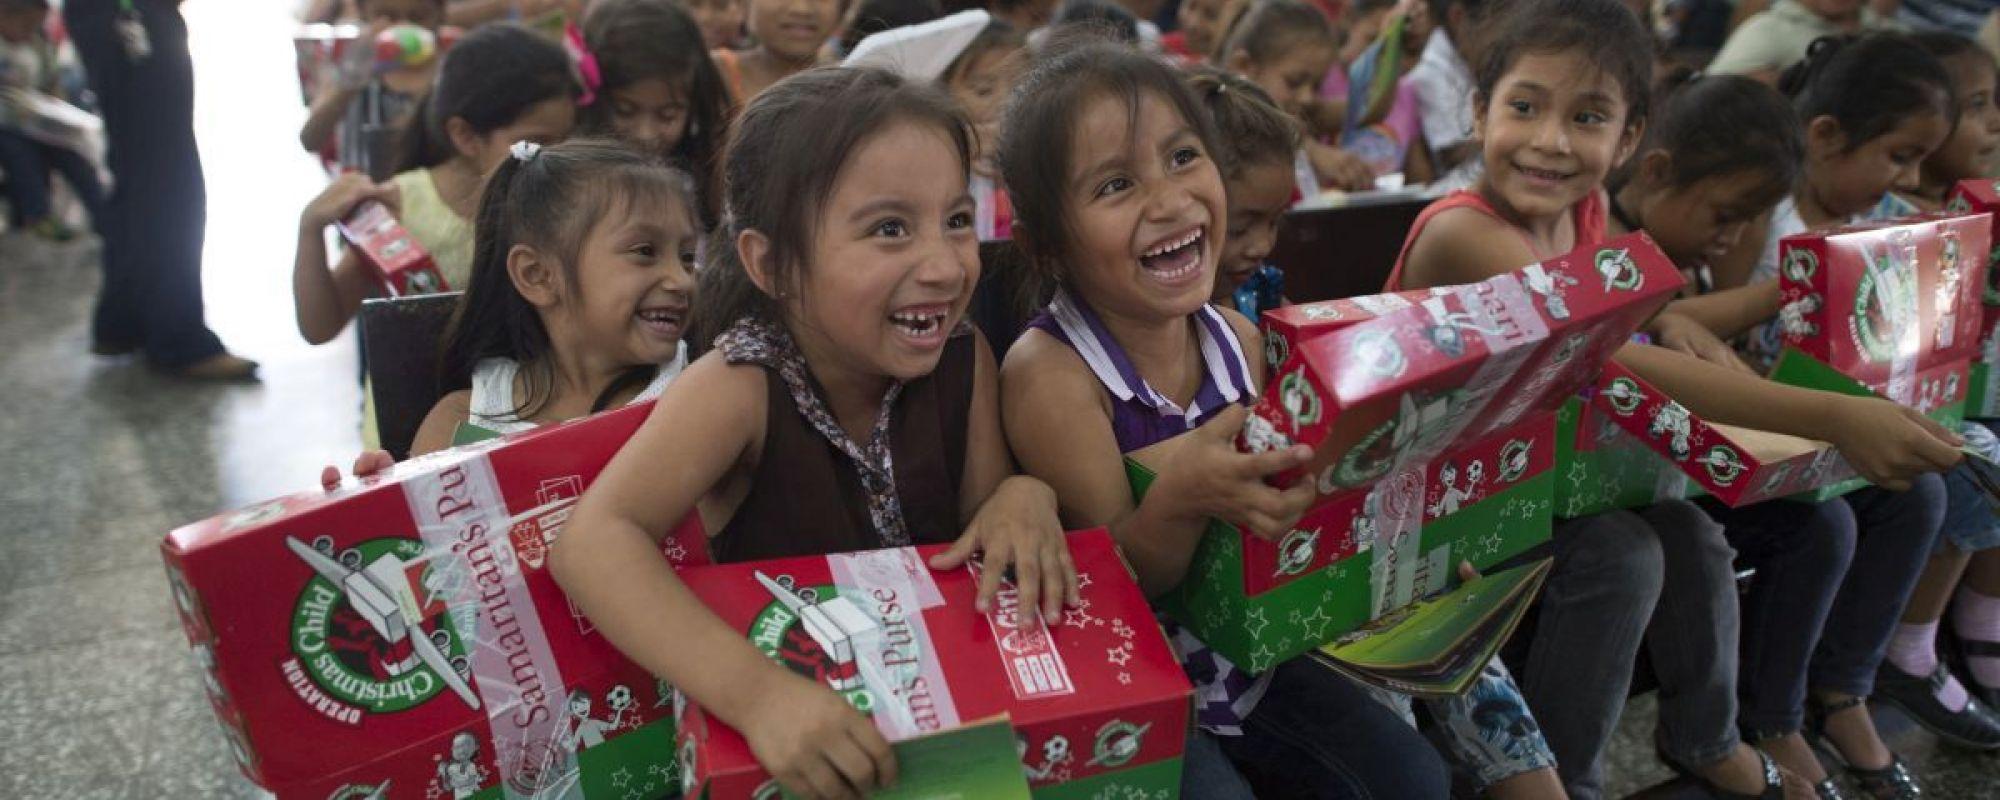 The Amazing Journey of a Shoebox – Operation Christmas Child